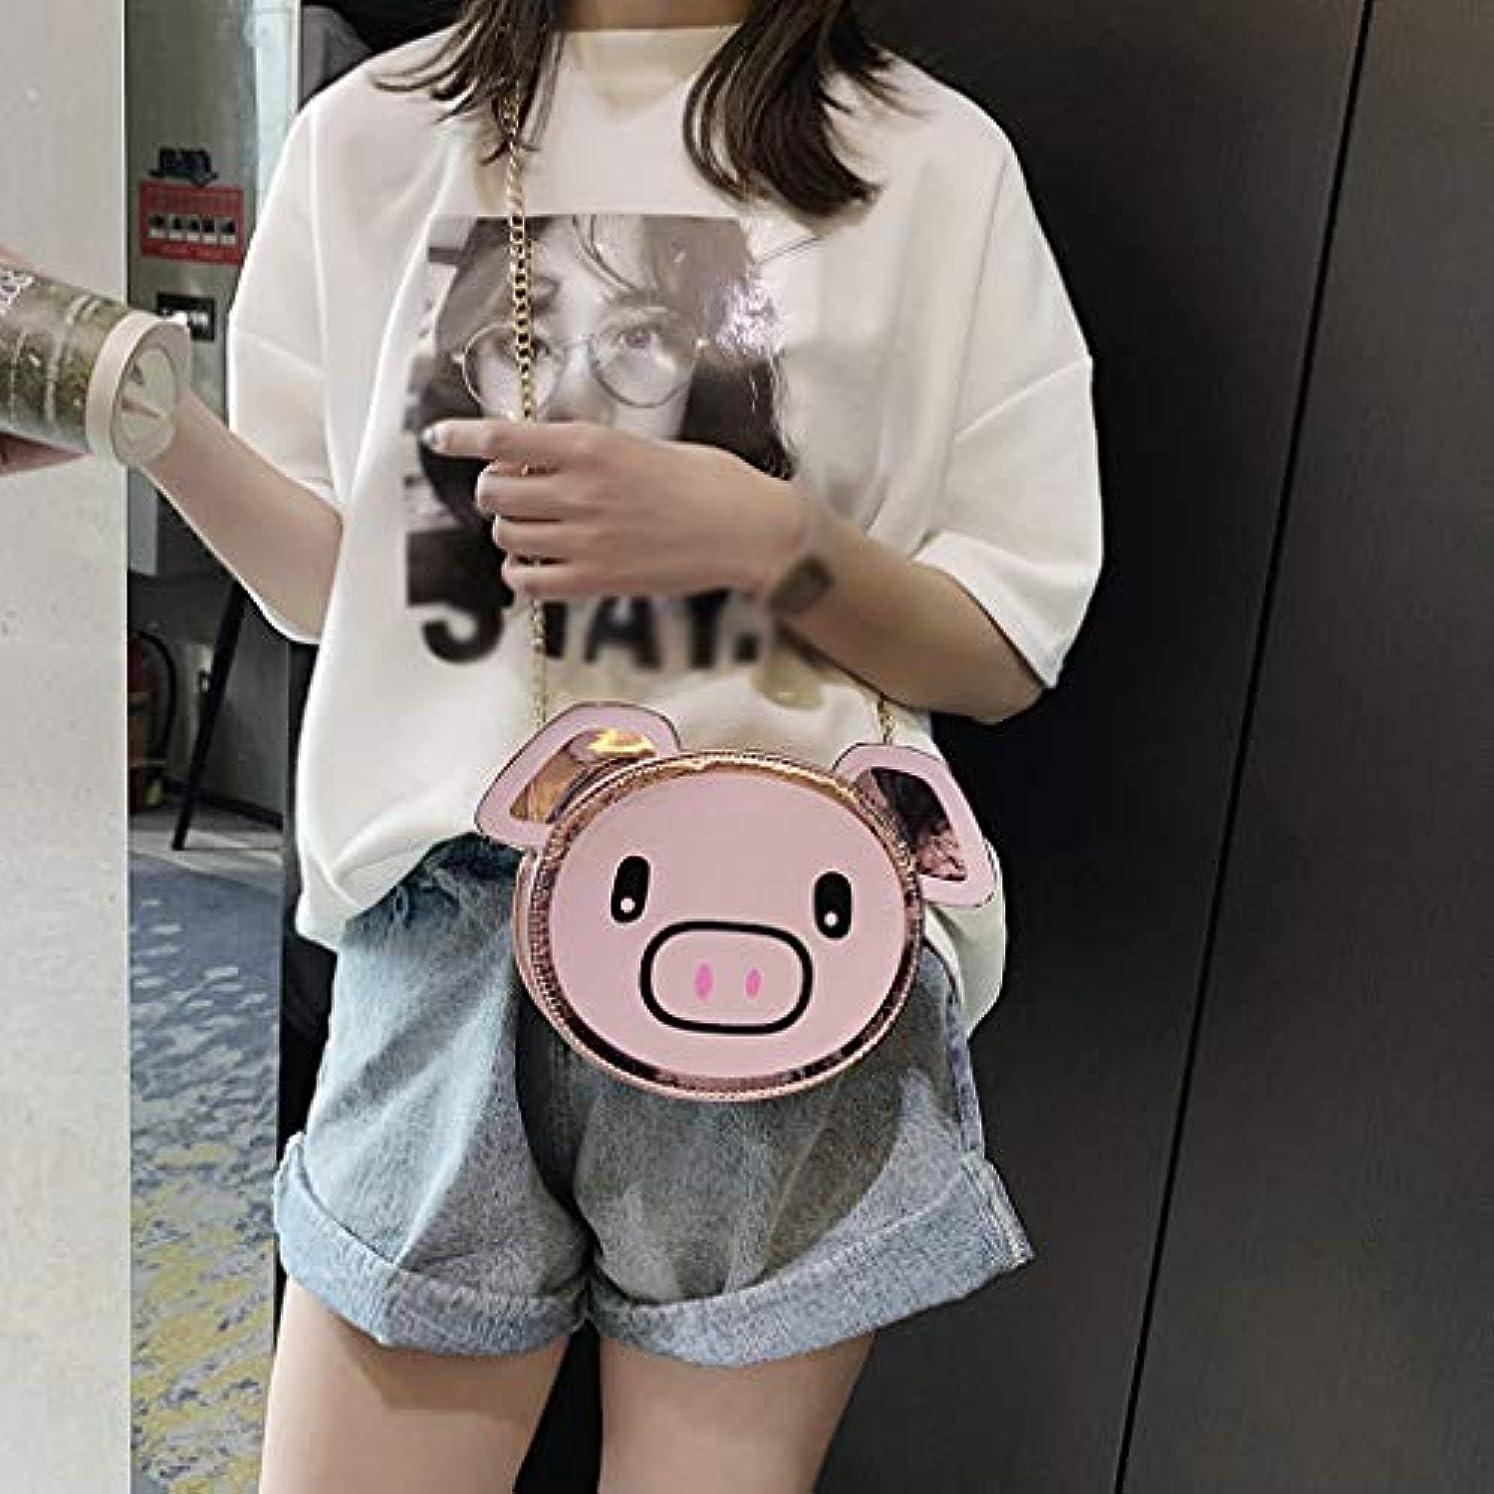 交じるまた明日ね低下ファッション女の子革チェーン野生のかわいい漫画豚肩メッセンジャーバッグ、女の子チェーン野生のかわいい豚肩メッセンジャーバッグ (ピンク)